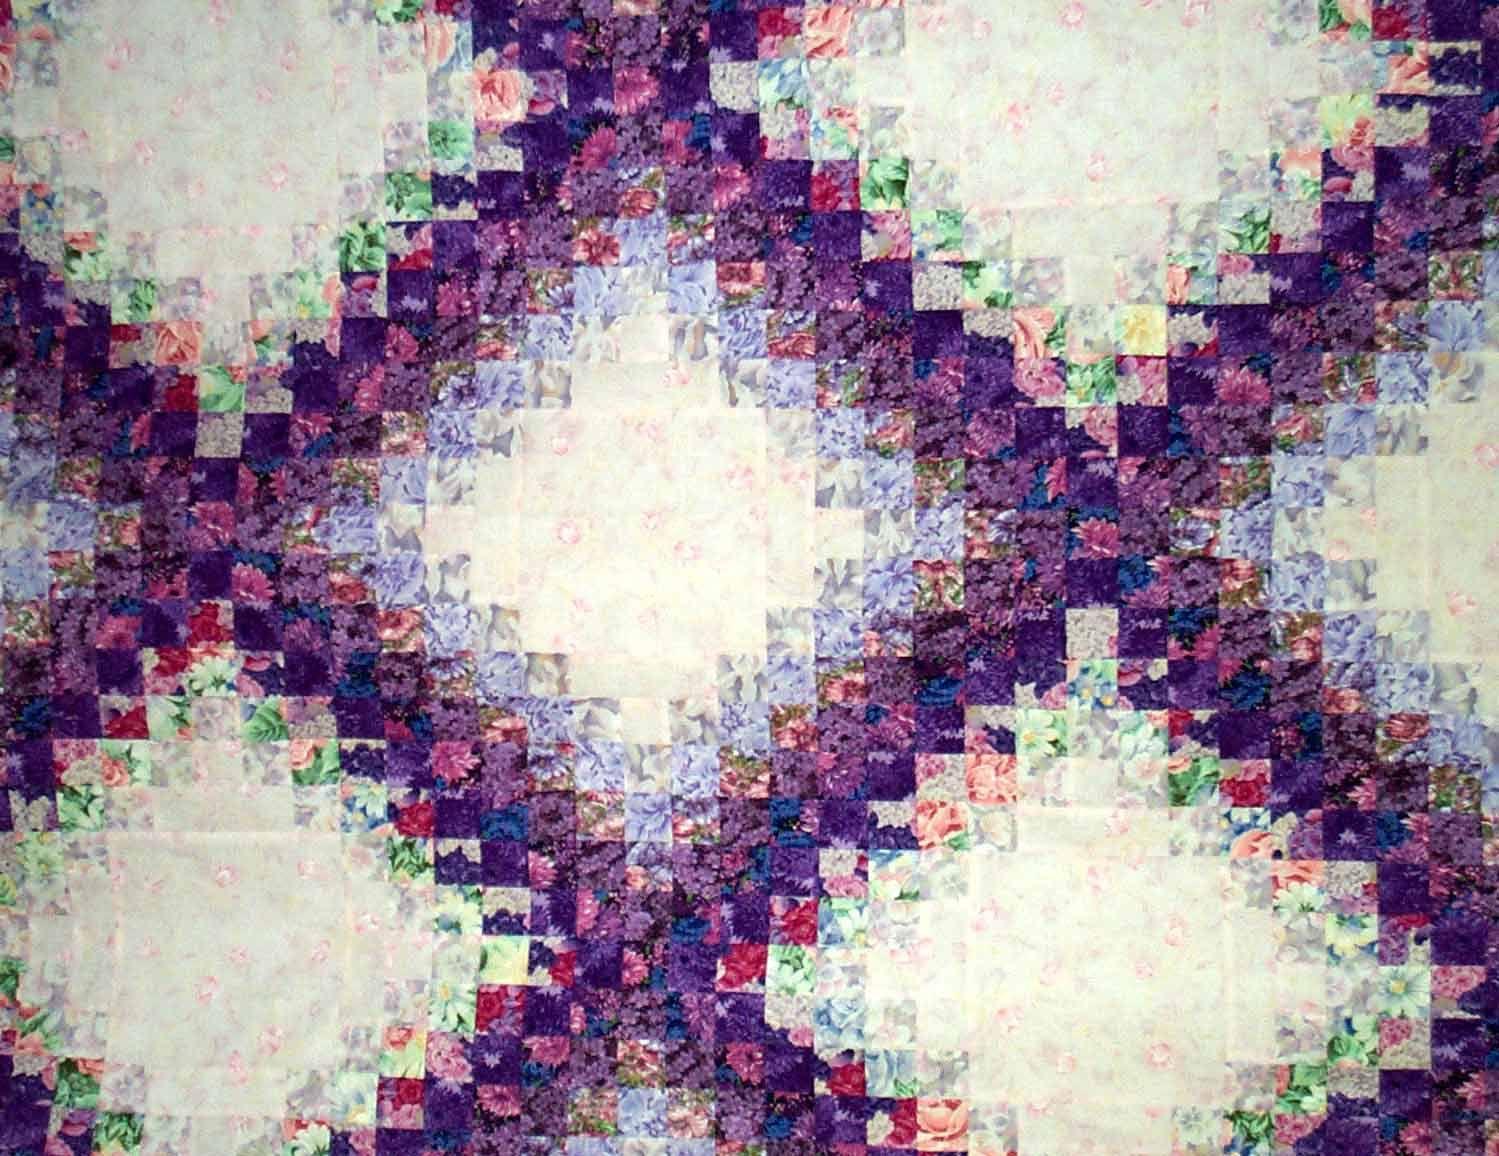 colorwash triple irish chain   IRISH CHAIN QUILTS   Pinterest ... : triple irish chain quilt pattern - Adamdwight.com